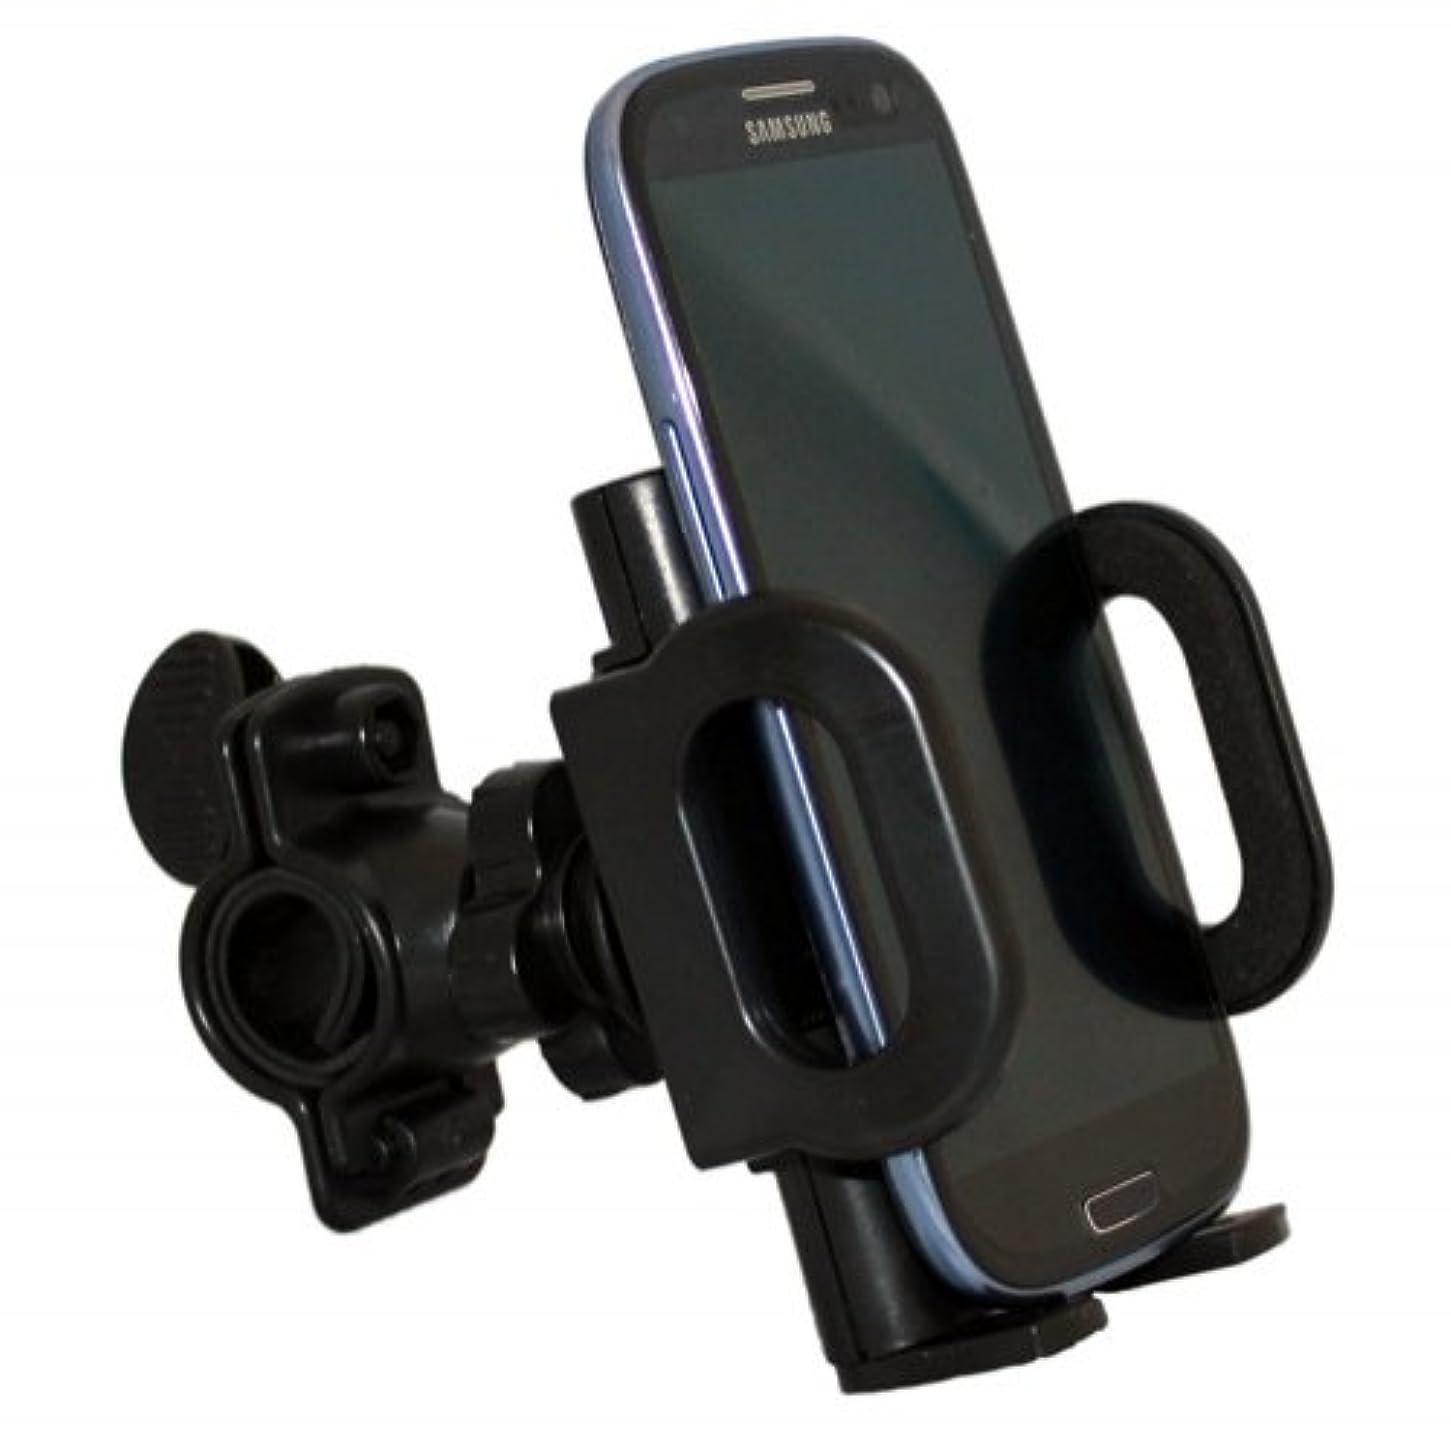 ミニどう?きゅうりXendaユニバーサル回転自転車マウントバイクハンドルバー携帯電話ホルダーIphone 5 , 5s , 4s , 4 , 3 GS , 3 G – iPod Touch – Blackberry z10 – Samsung Galaxy s4 S 4 – Samsung Galaxy s3 S 3 III – HTC One、One VX